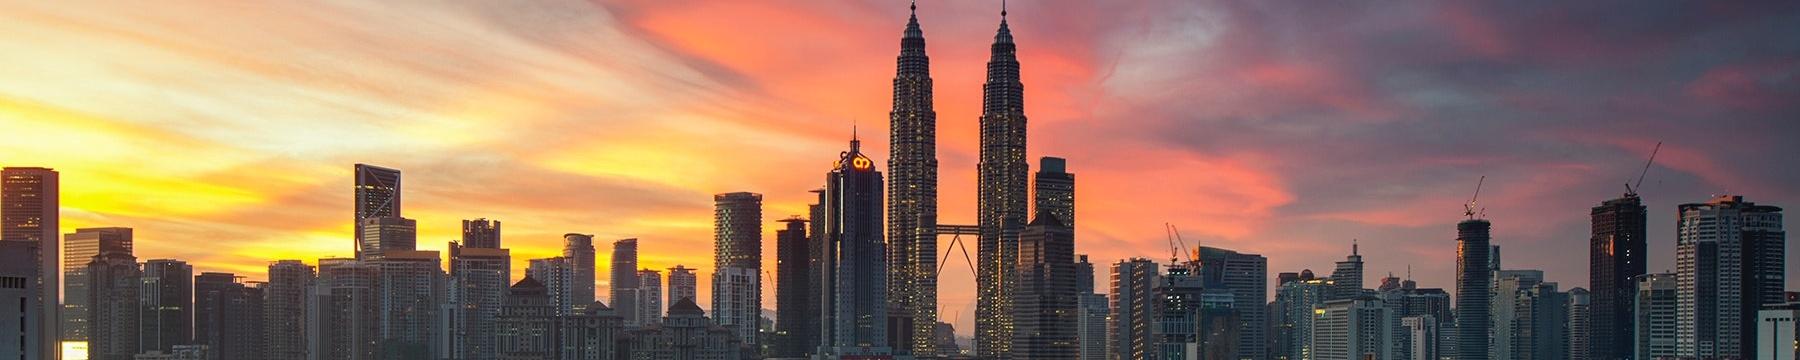 Maleisie - 1800×360